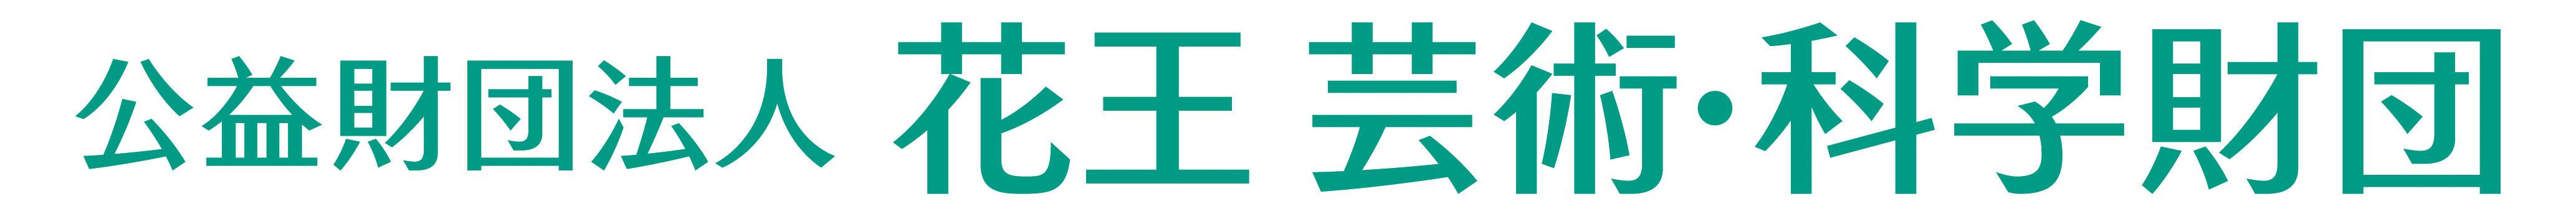 公財花王芸術・科学財団